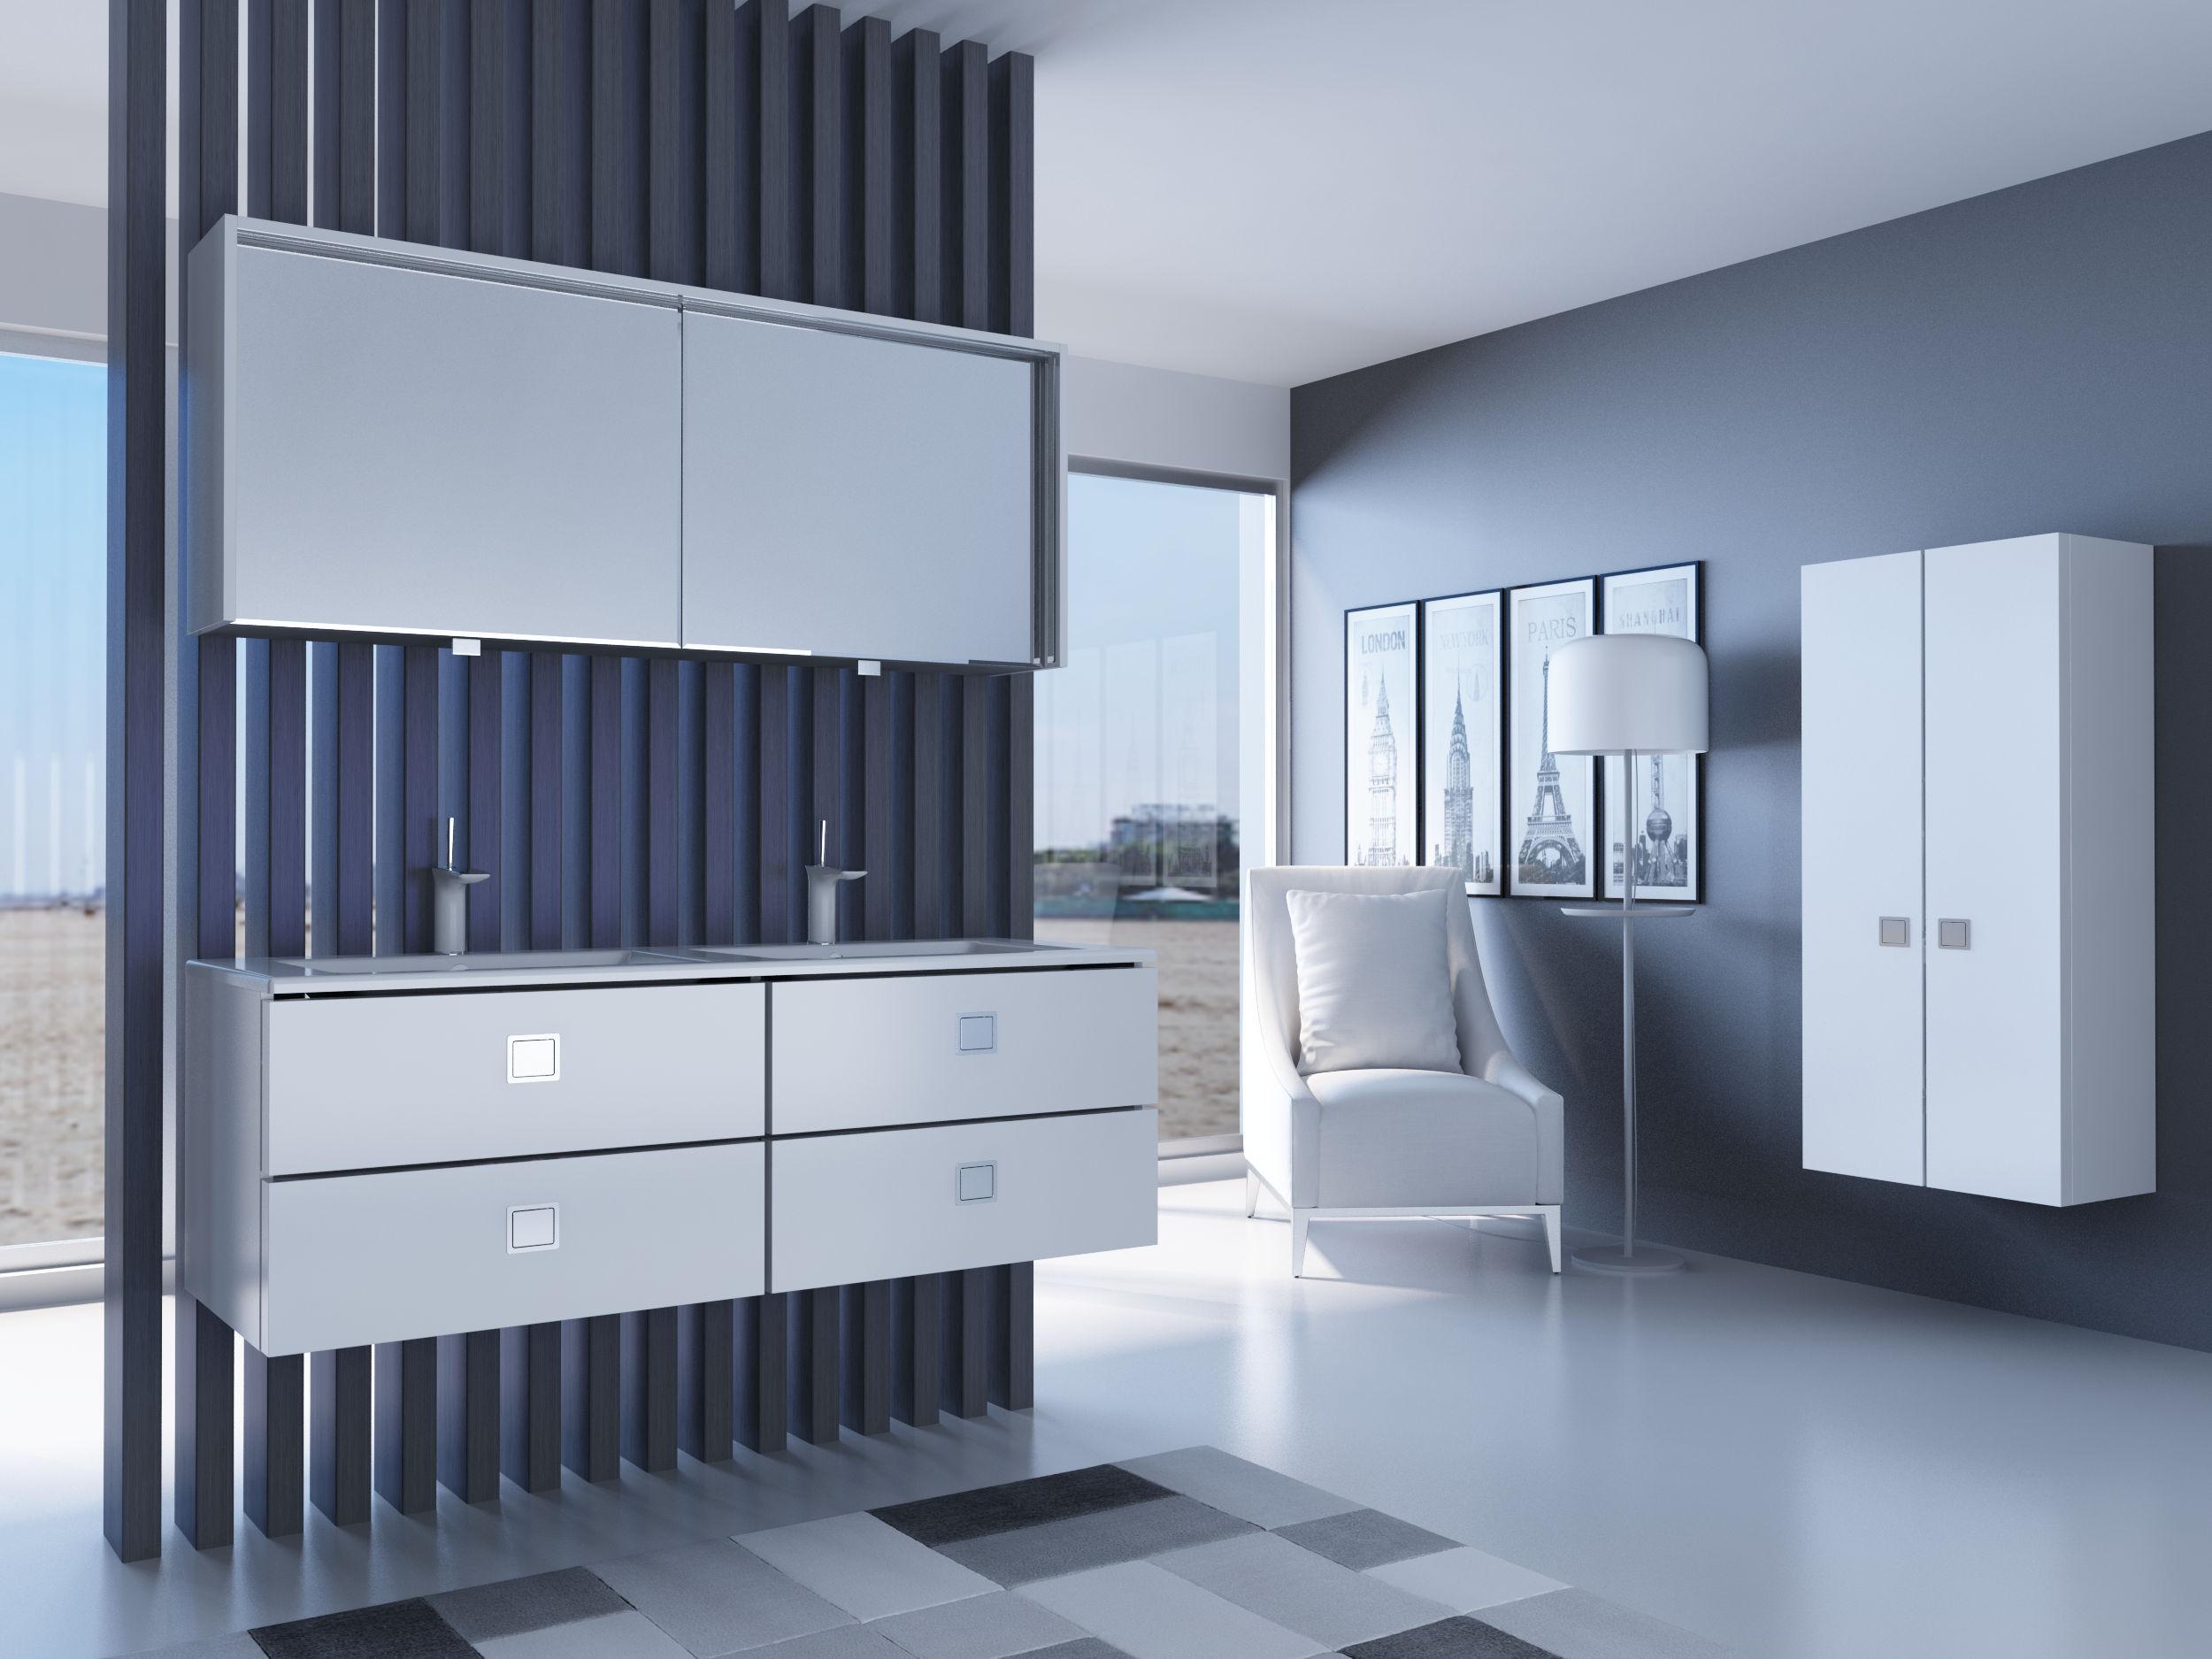 дизайн ванной комнаты в стиле Hi Tech Vanna Kimnata